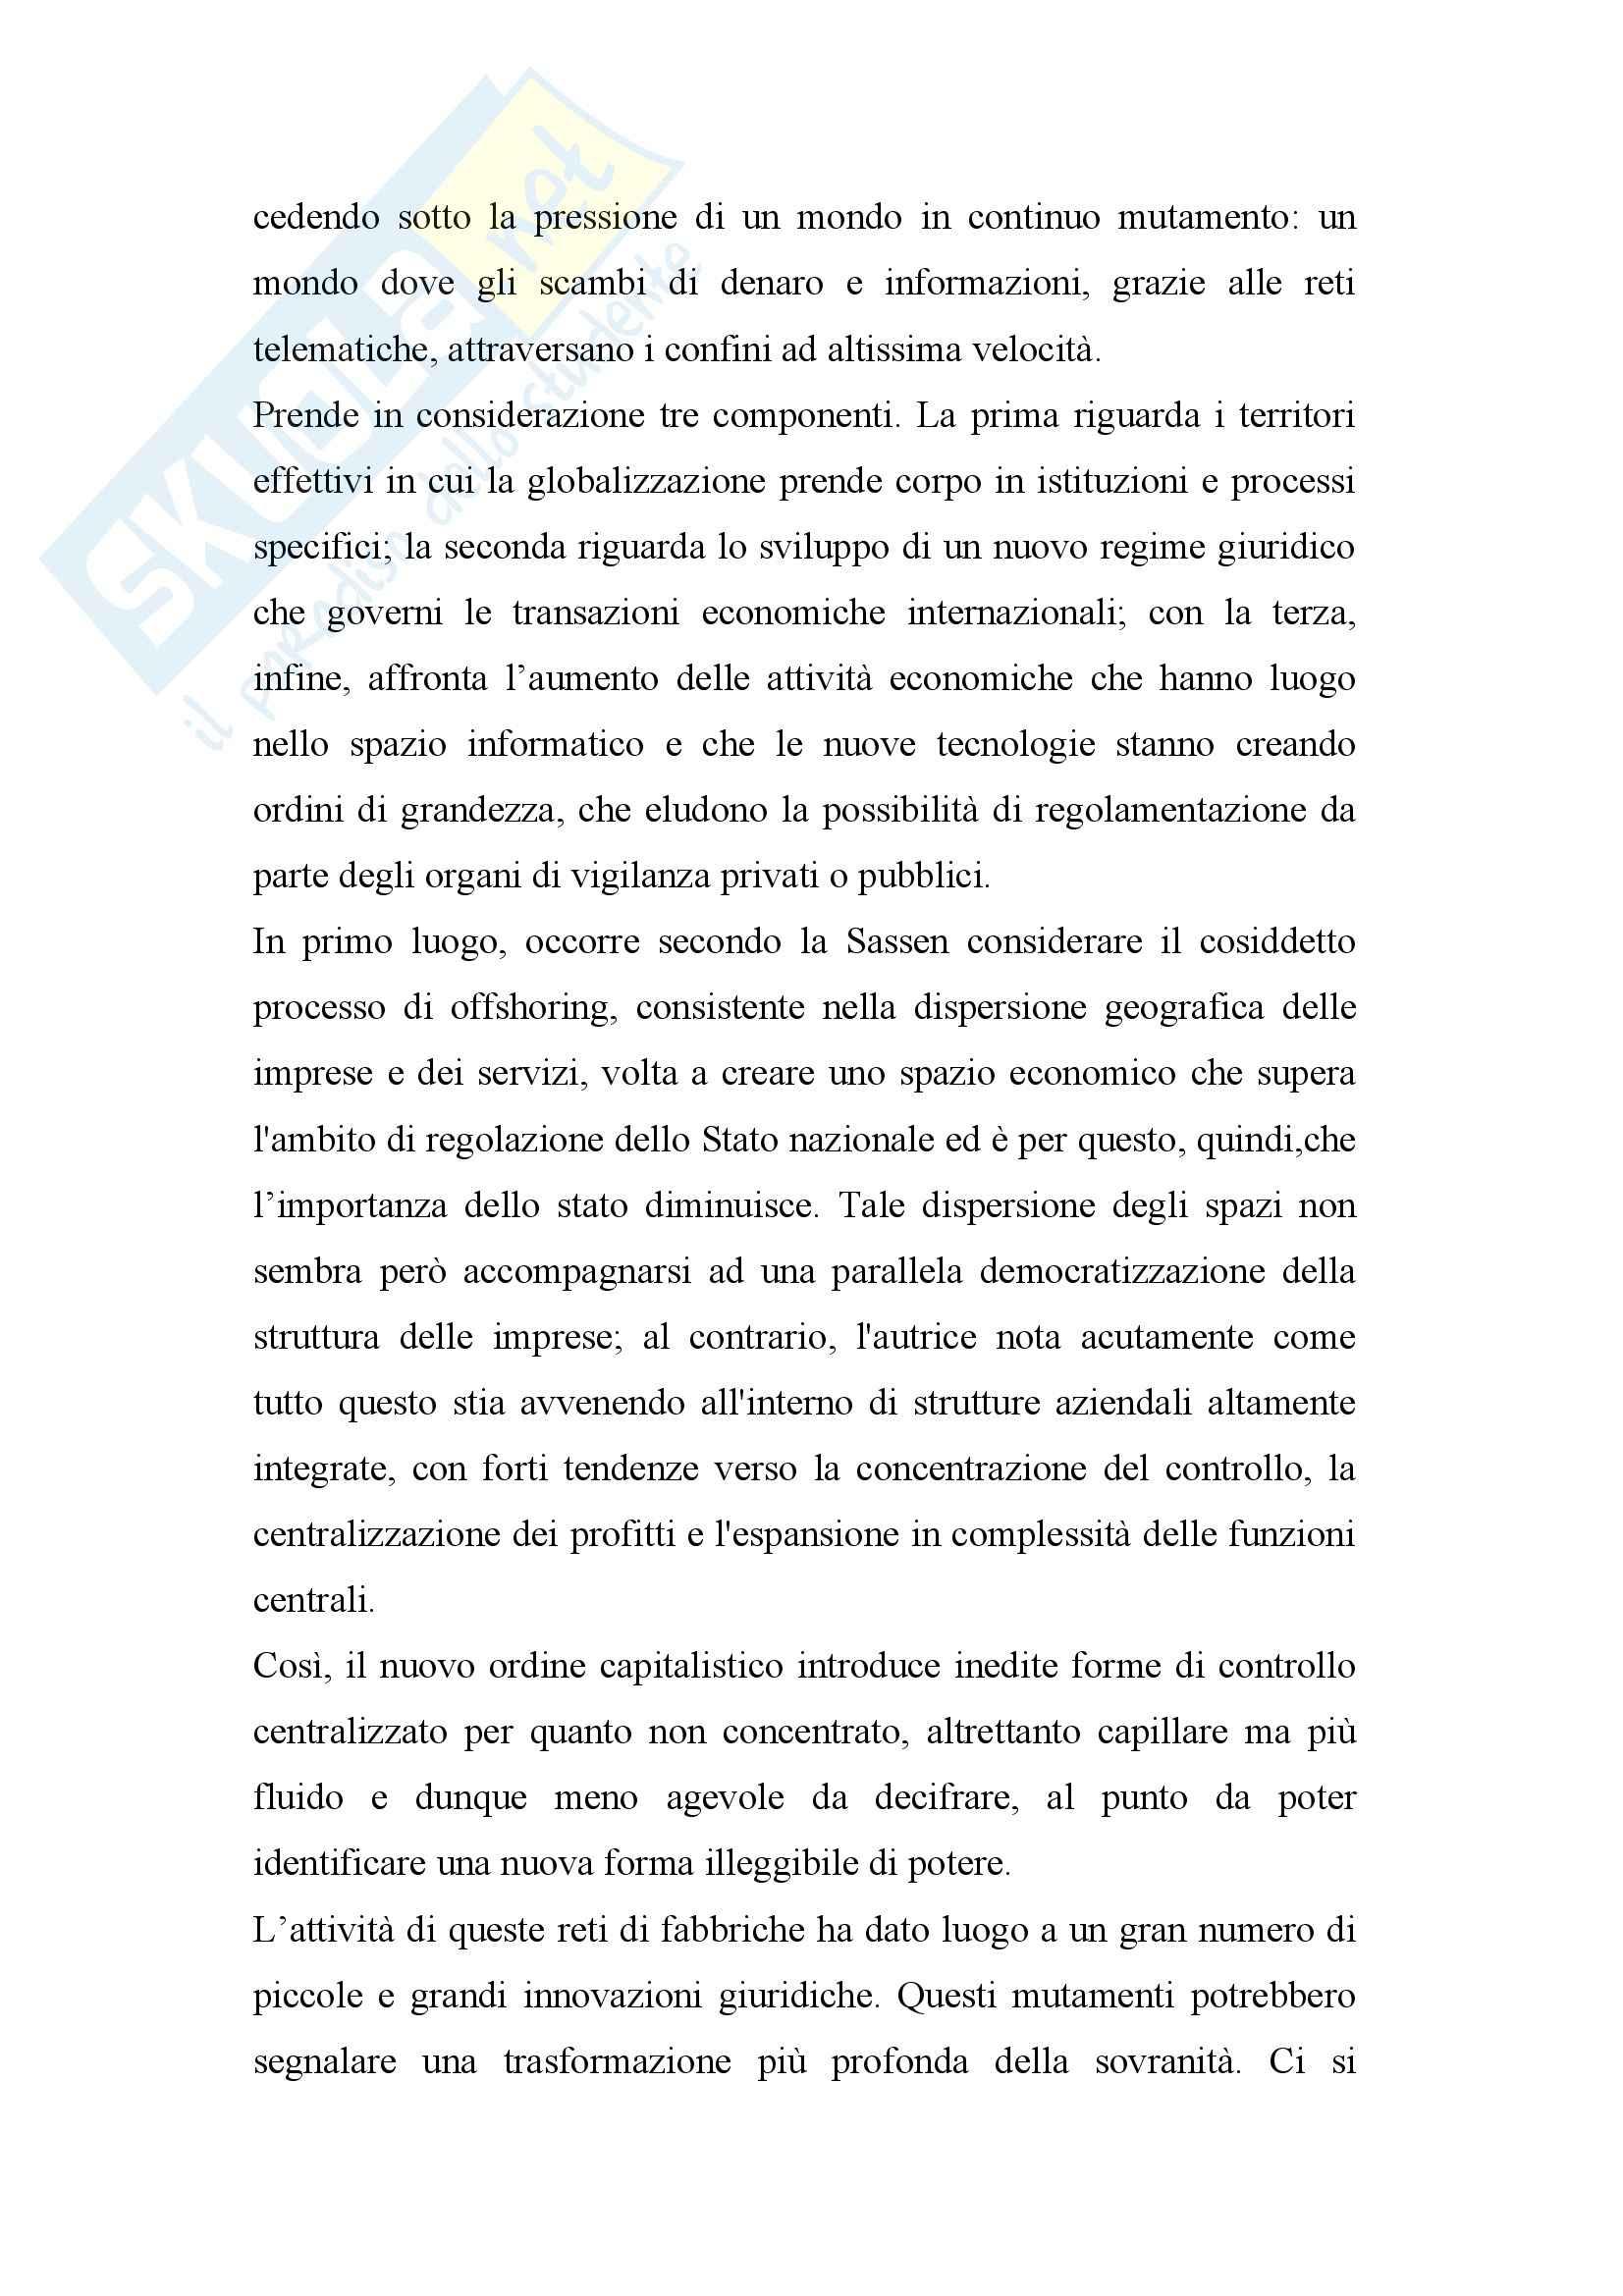 Riassunto esame Geografia Economico-politica, prof. Governa, libro consigliato Fuori Controllo, Sassen Pag. 2